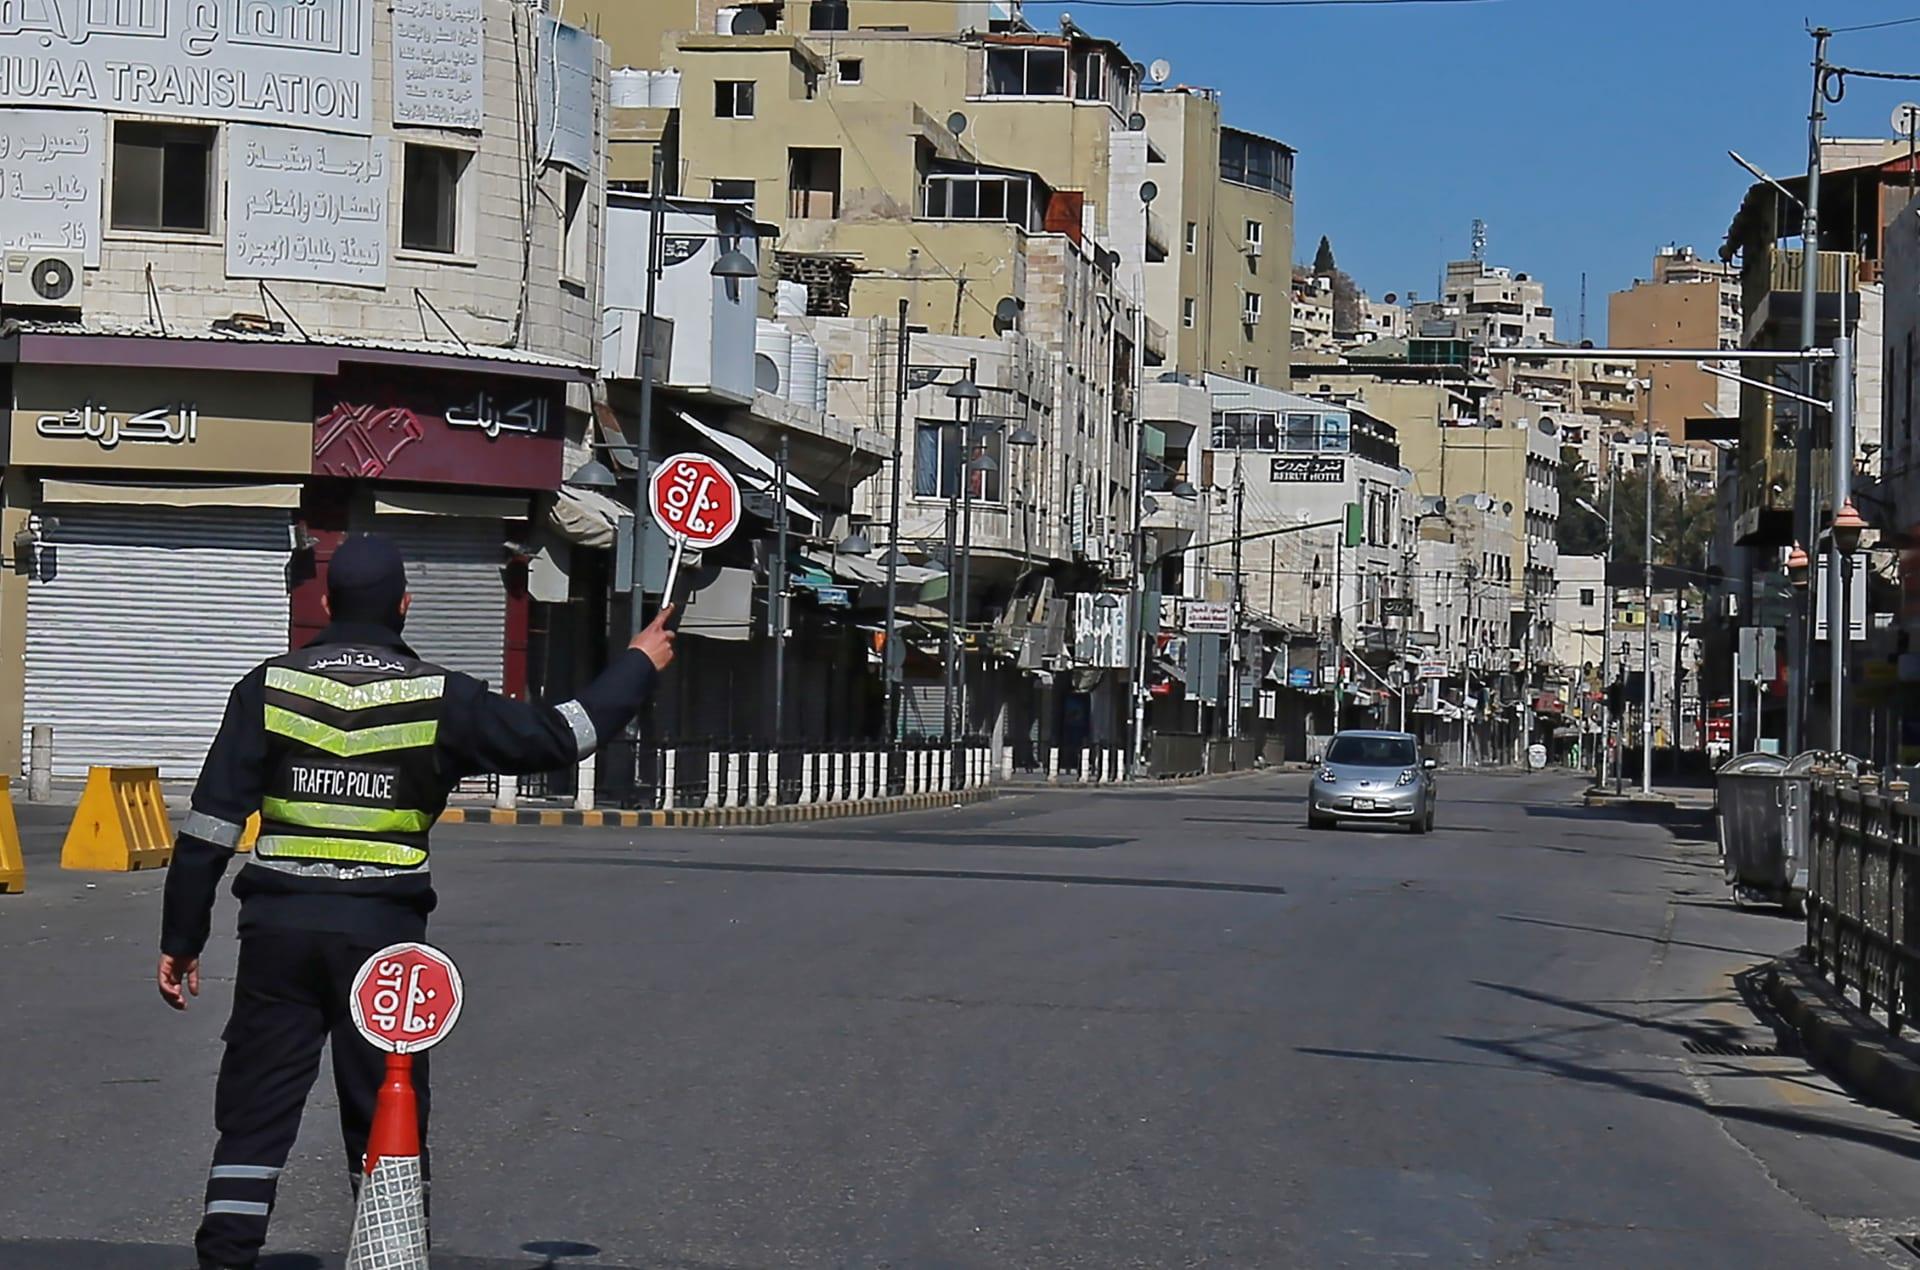 الأردن يقرر تمديد ساعات الحظر وإغلاق المطاعم والأندية وتعليق صلاة الجمعة وقداس الأحد